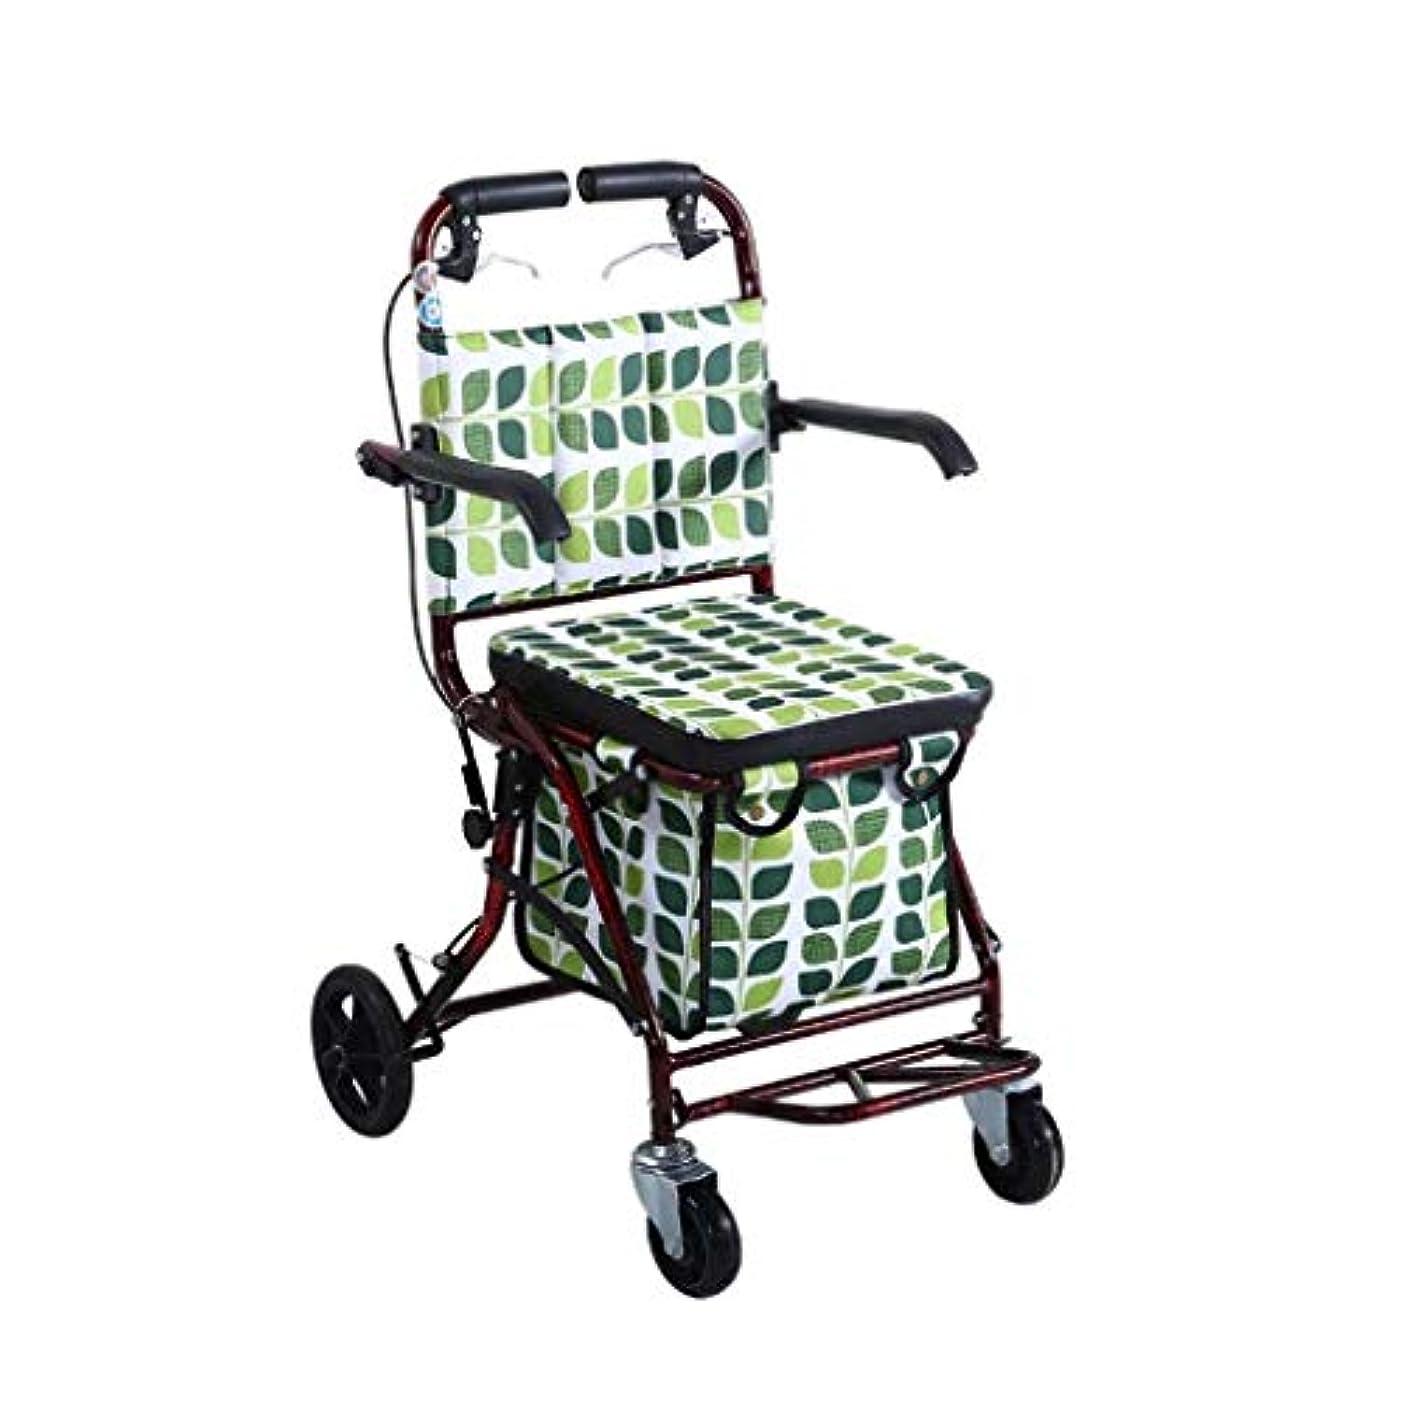 思い出させる知性沿ってショッピングトロリー、老人ポータブル四輪歩行者は、背もたれ、パッド入りシート、フットレスト付きの折りたたみ車椅子に乗る